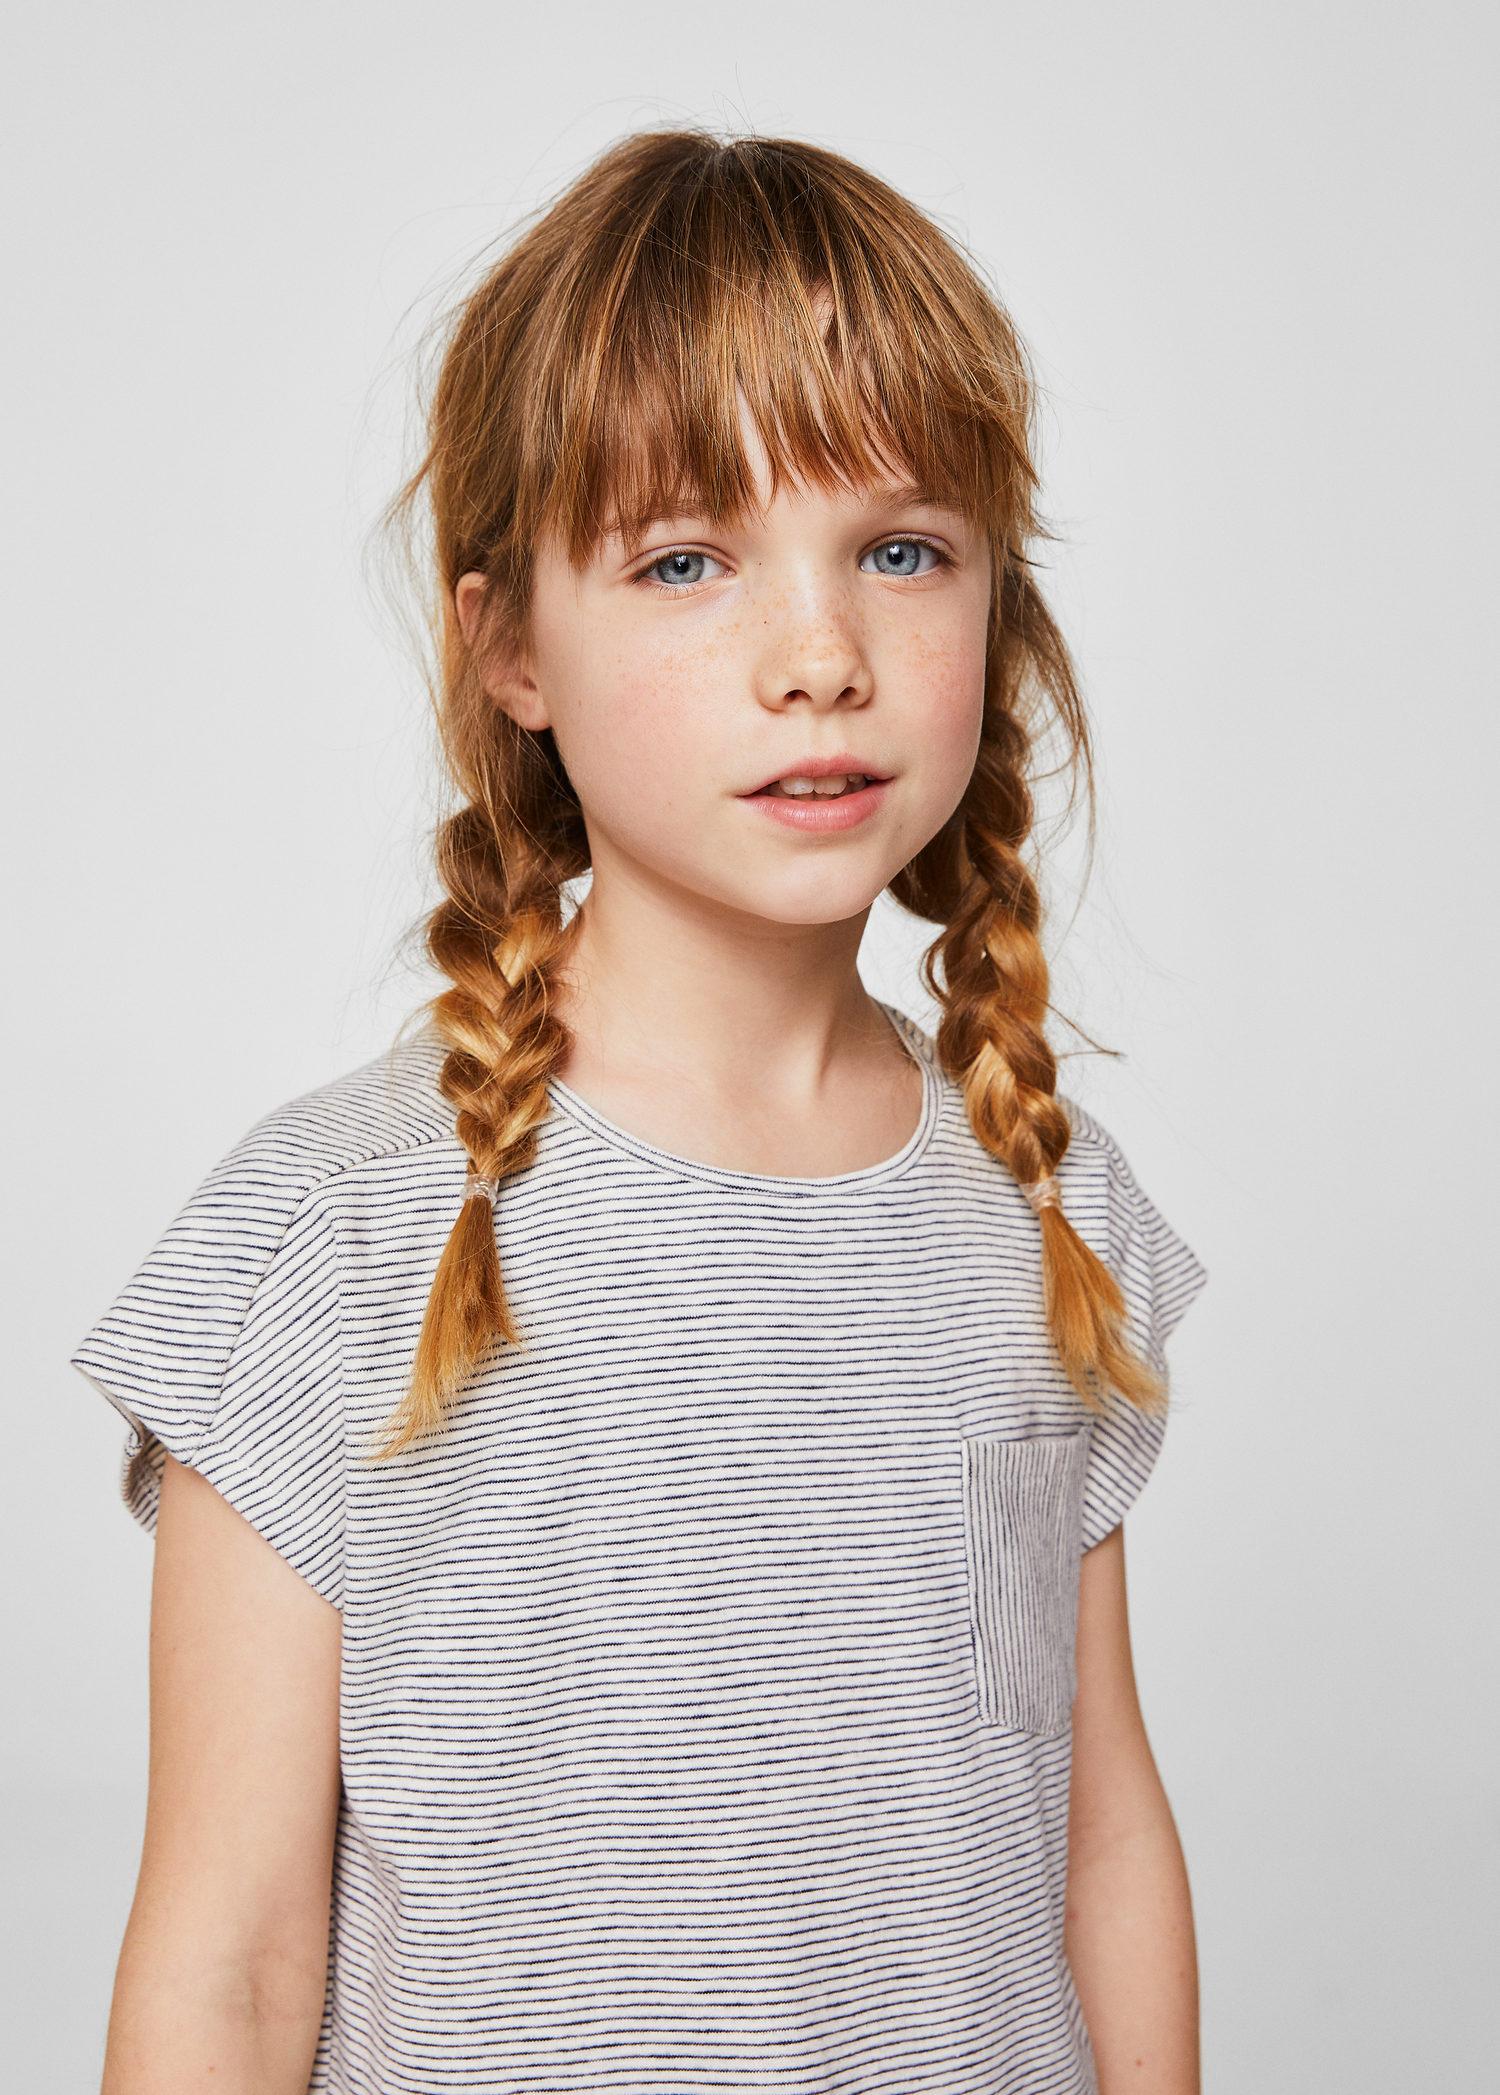 d2ea674d6 Esta primavera haz de las T-shirts de rayas la pieza central de sus  estilismos. ¿El resultado? Conjuntos sencillos, cómodos, frescos ¡y muy a  la moda!